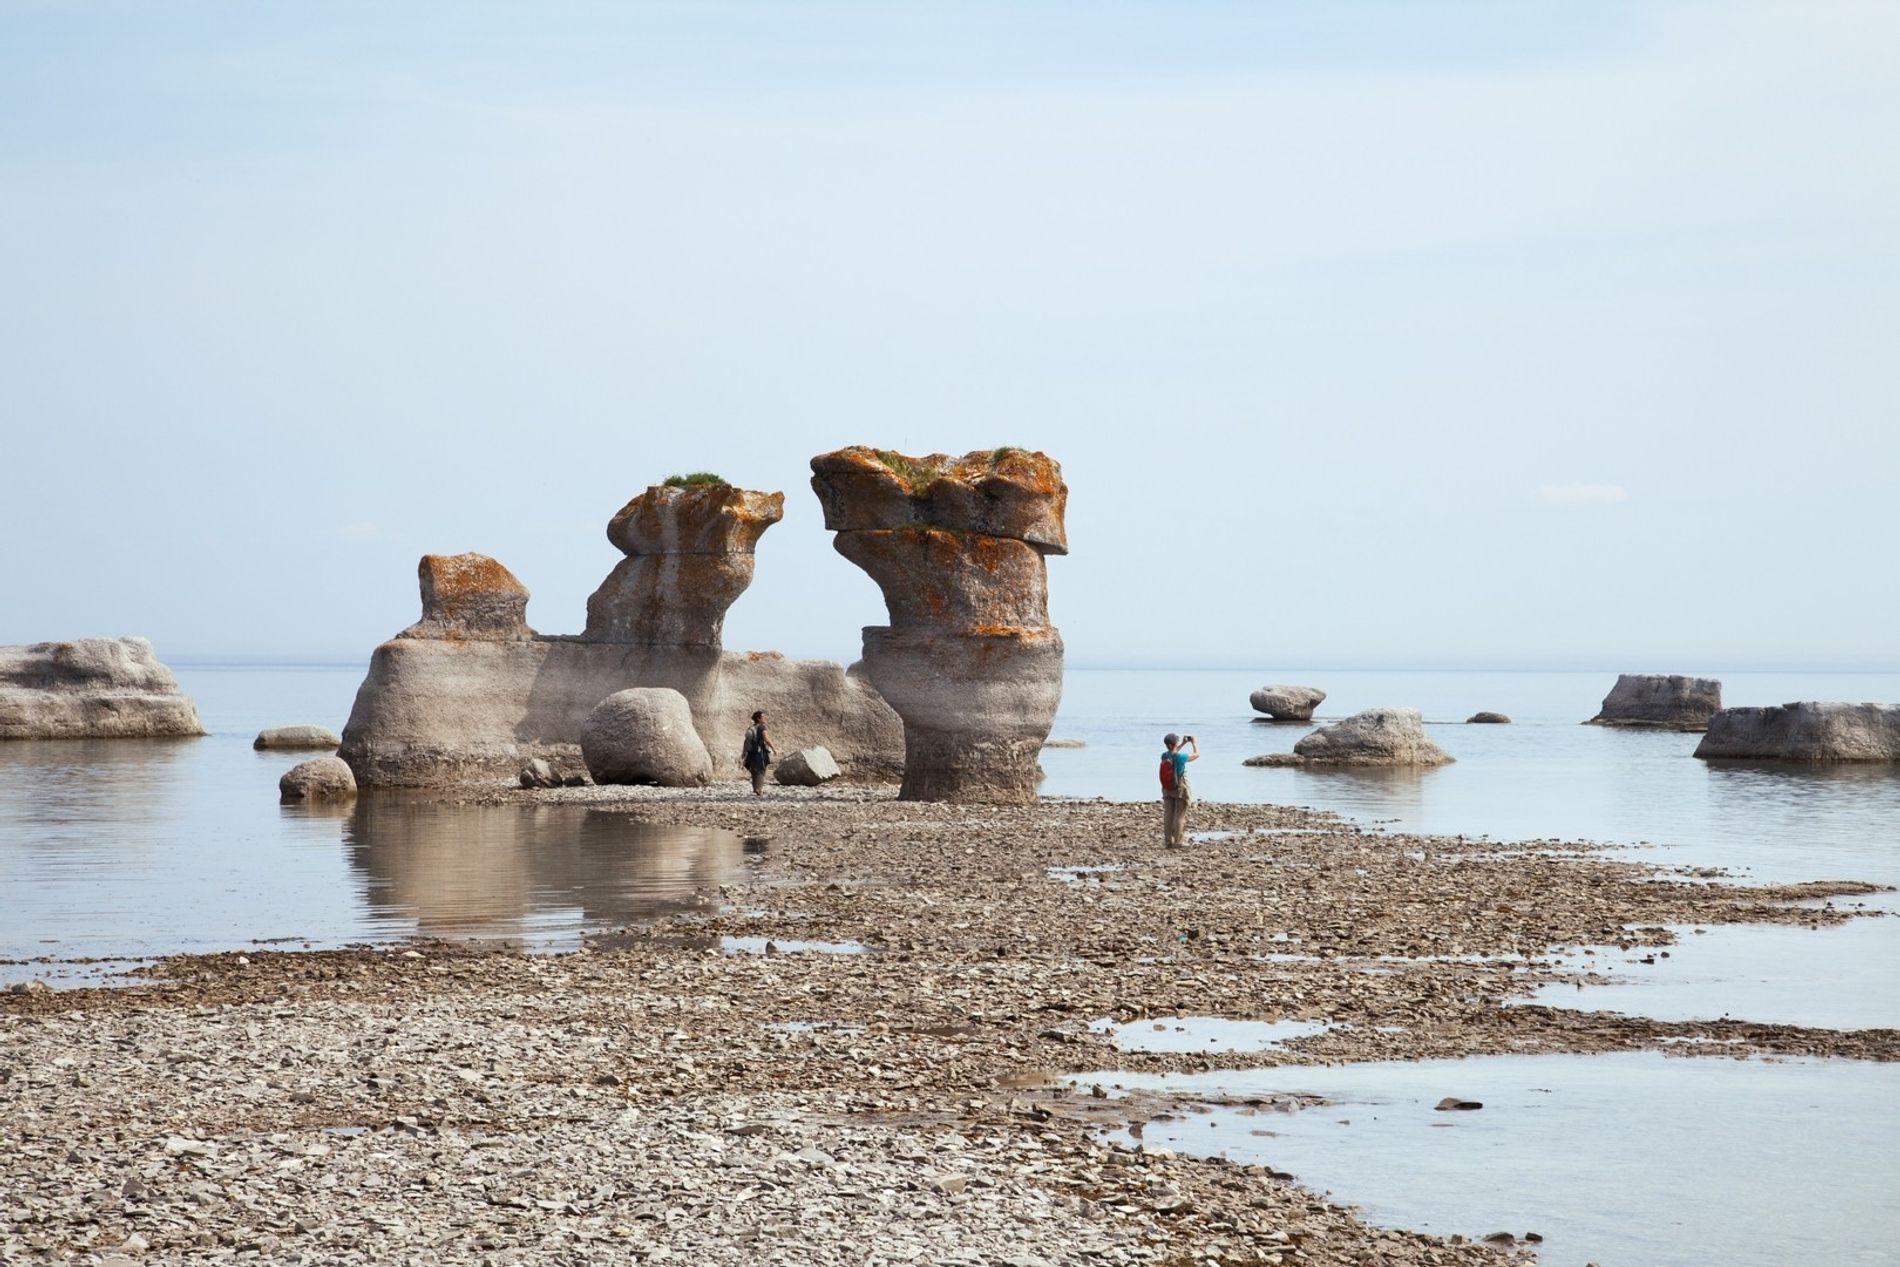 Les îles qui composent la Réserve de parc national de l'Archipel-de-Mingan, au Québec, abritent des macareux nidifiant ainsi que plusieurs espèces de baleines (dont des baleines bleues), qui nagent le long des côtes.